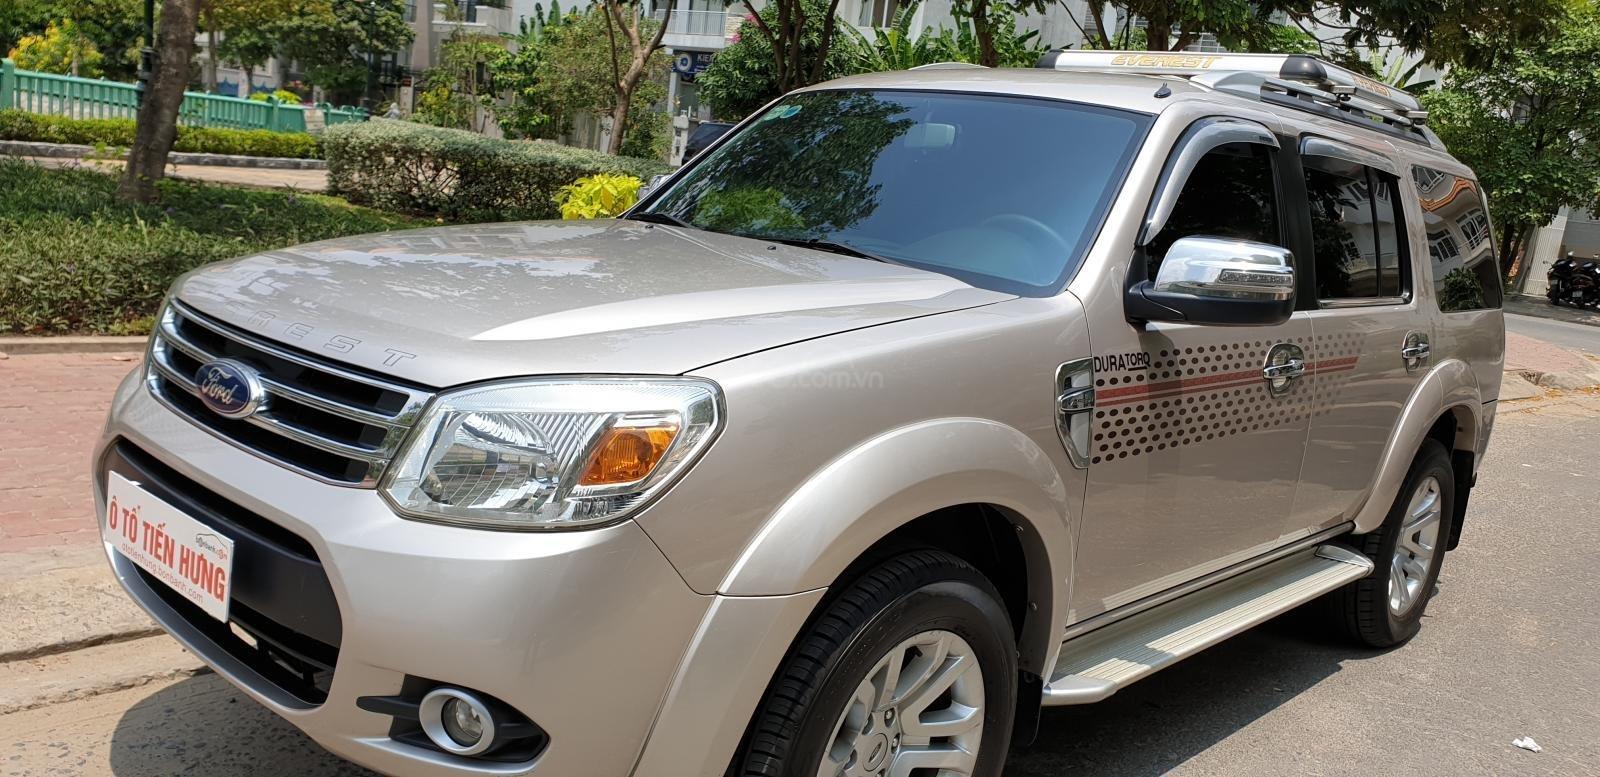 Bán Ford Everest máy dầu 2.5 số sàn model 2014 đời T12/2013, màu ghi vàng mới 90%-0